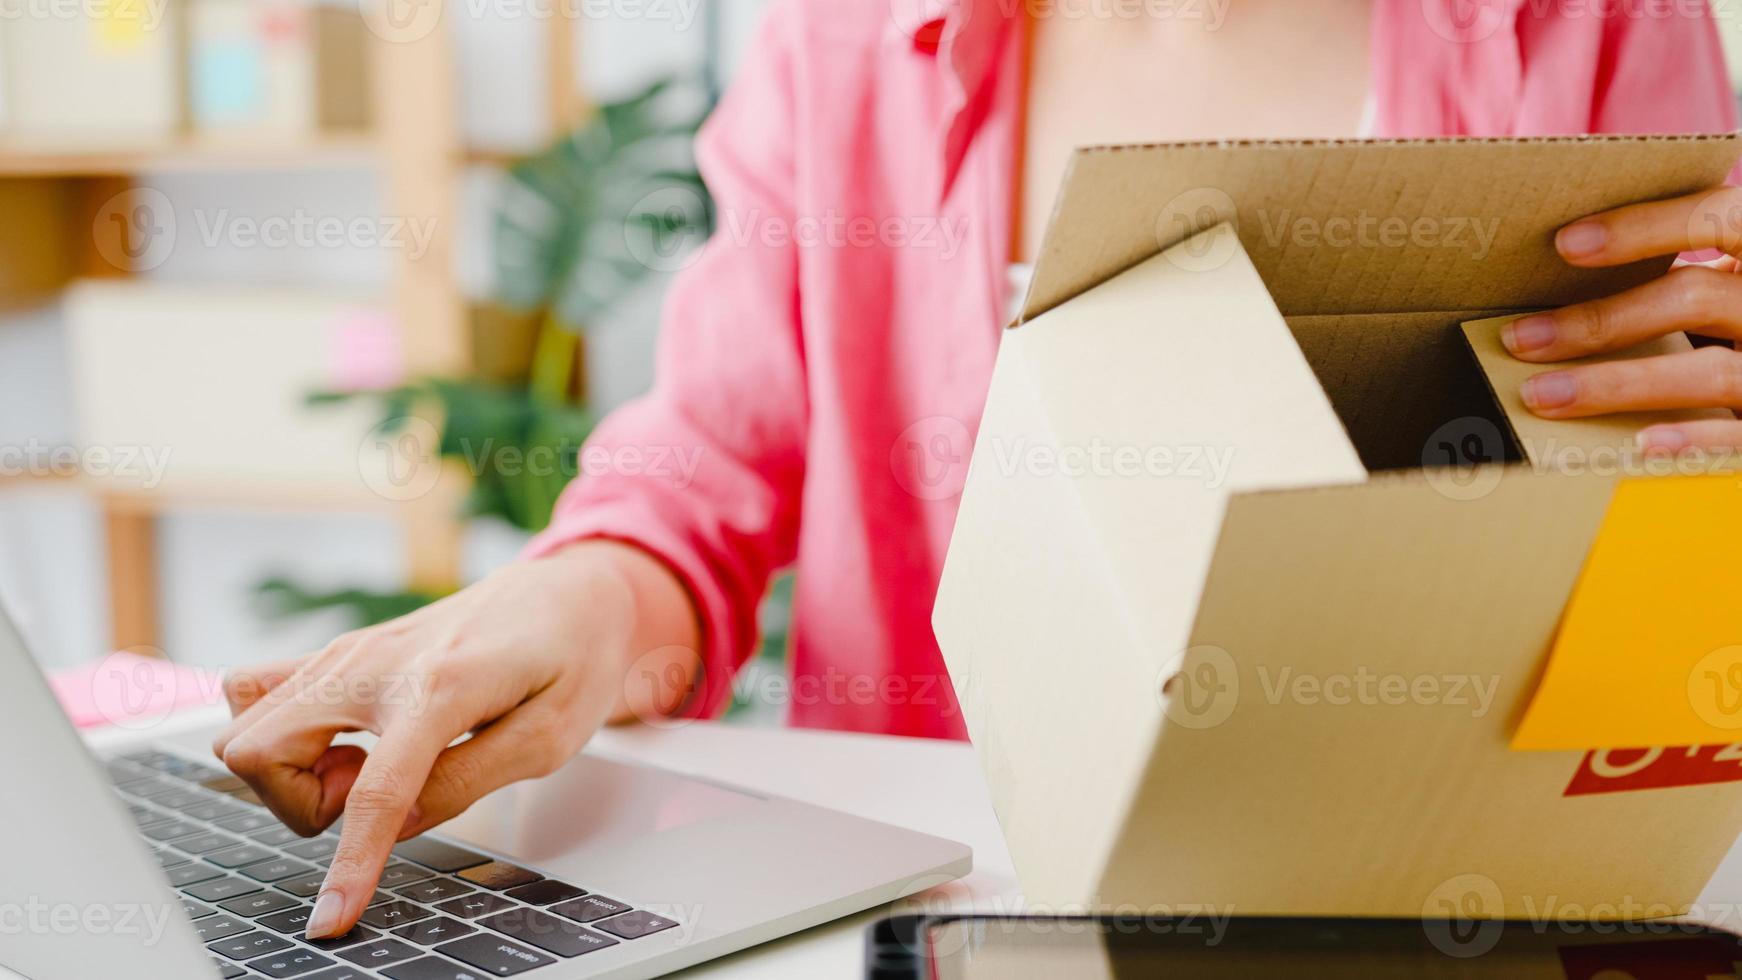 ung asien entreprenör affärskvinna kontrollera produkt inköpsorder på lager och spara till dator laptop arbete på hemmakontor. småföretagare, onlinemarknadsleverans, livsstil frilansande koncept. foto